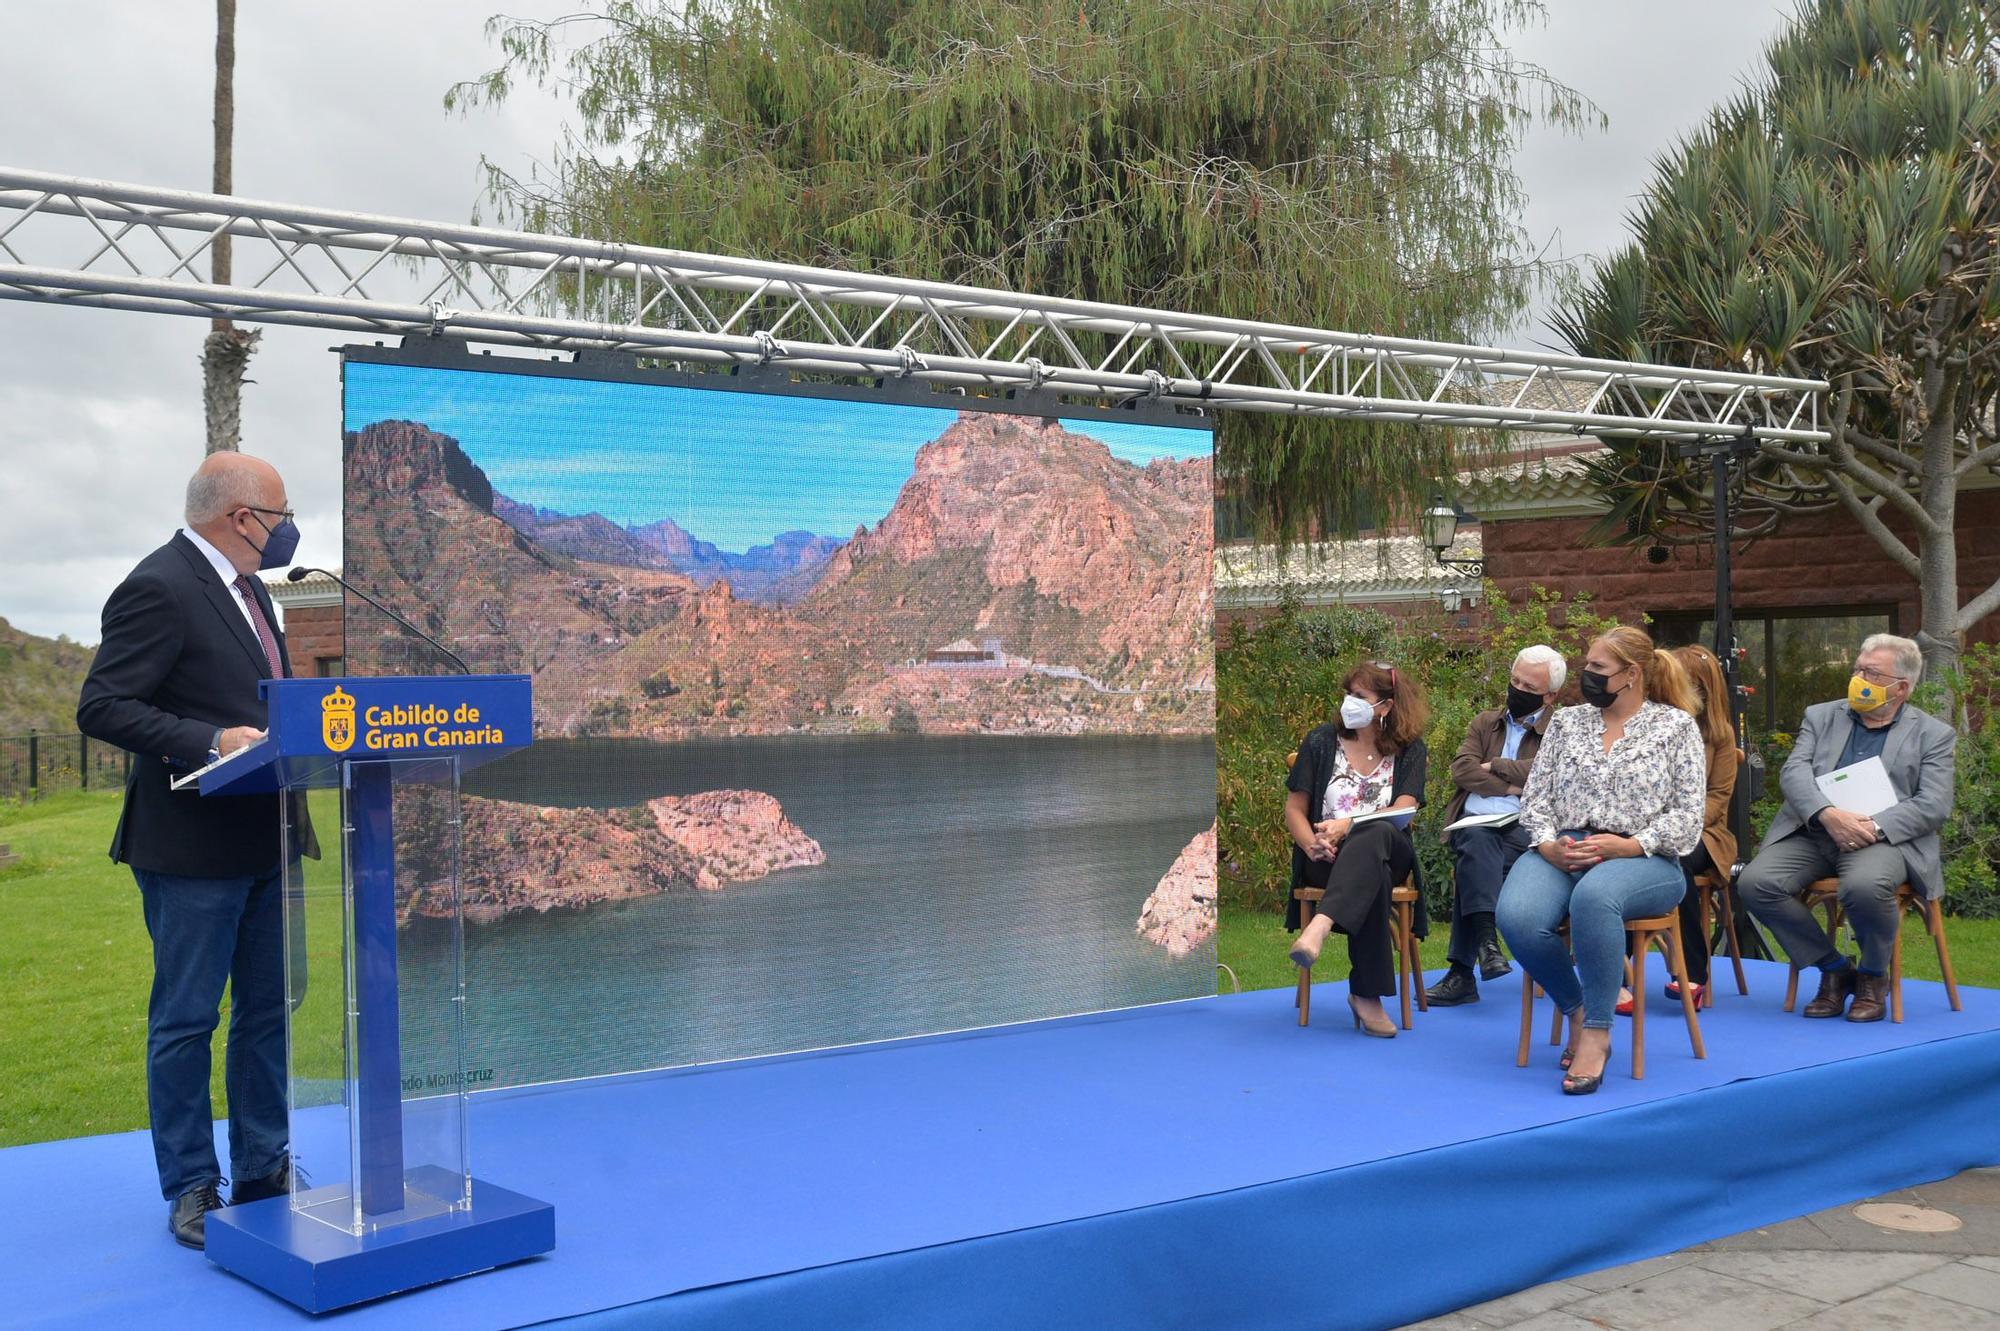 Presentación del proyecto de la central hidroeléctrica Salto de Chira (4/03/2021)